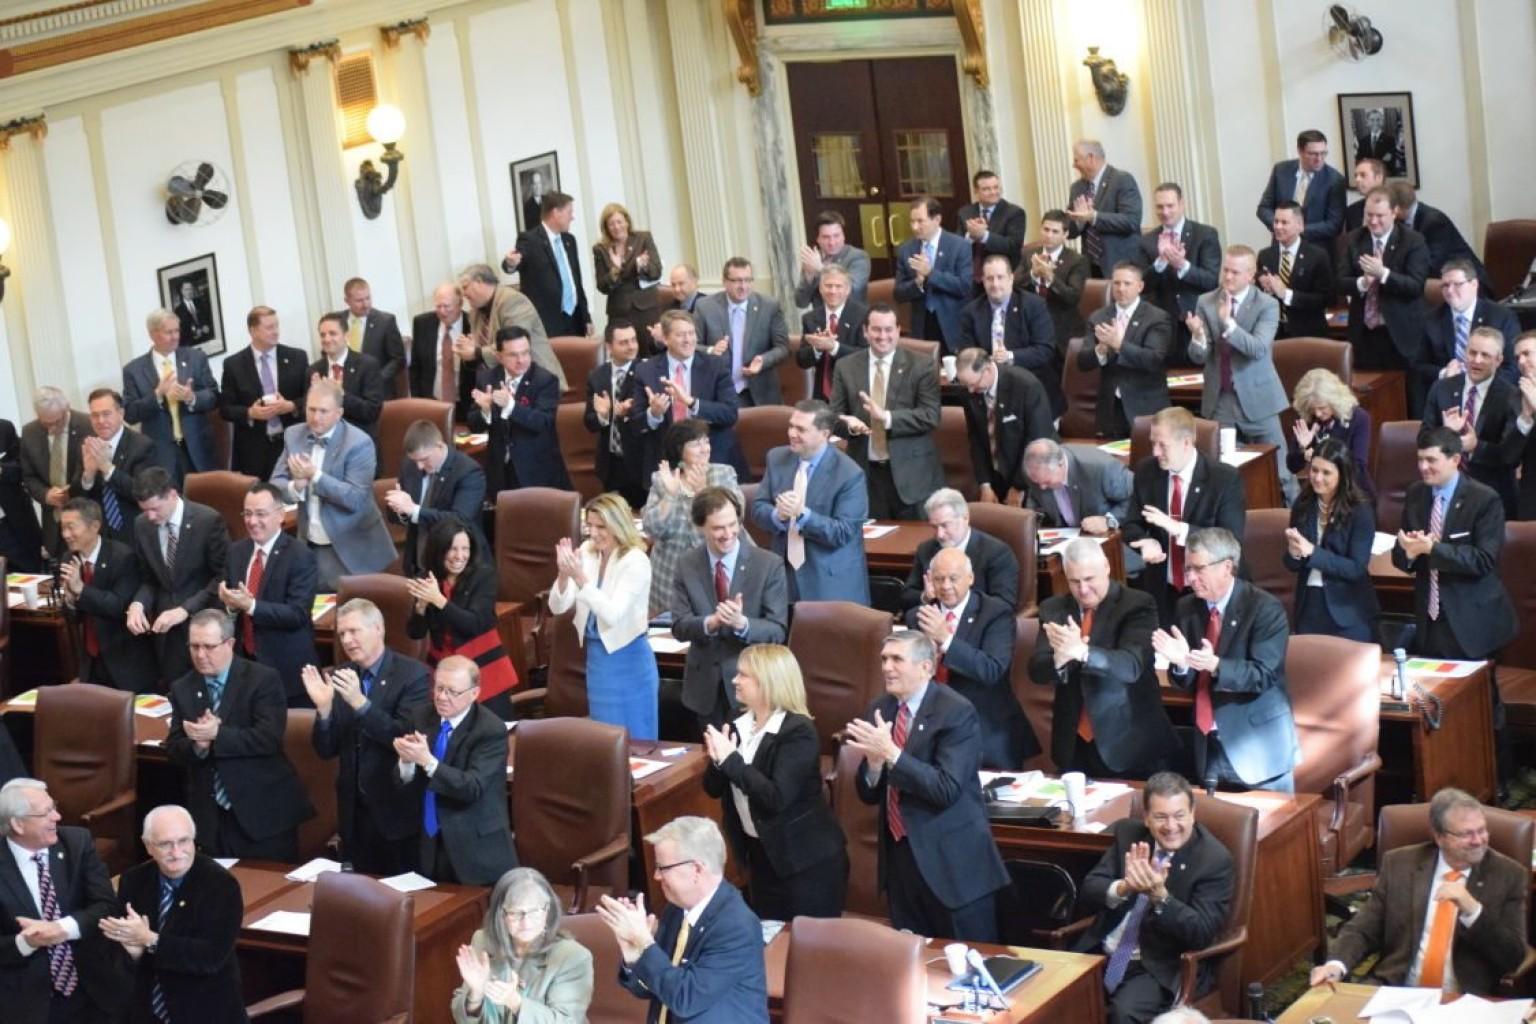 Legisladores al lado y detrás de las Fuerzas del Orden